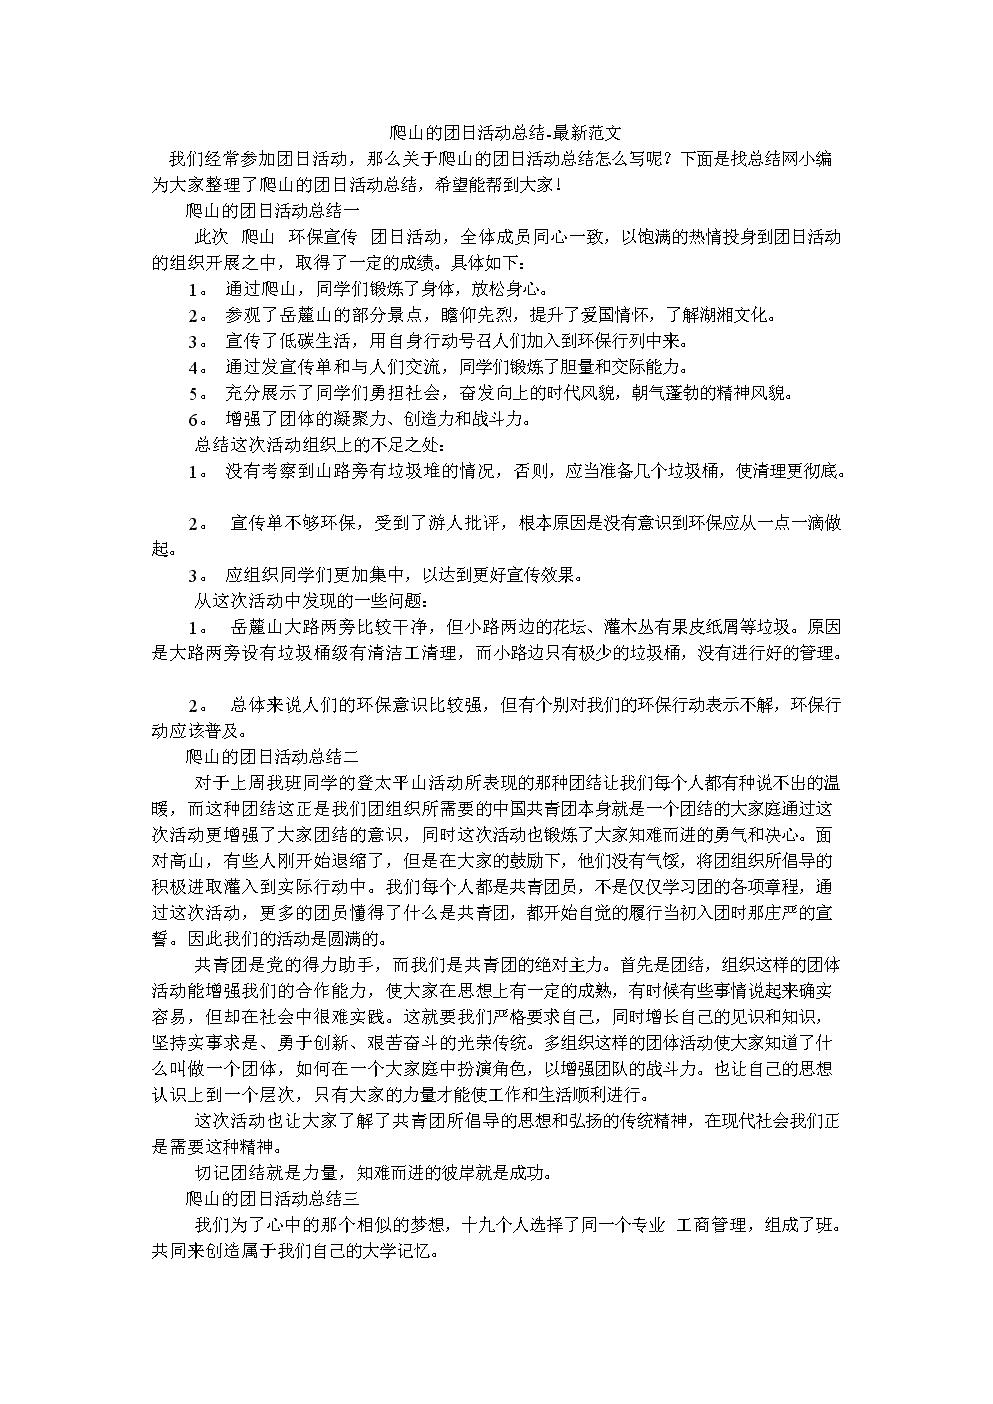 爬山的团日活动总结-最新范文.doc